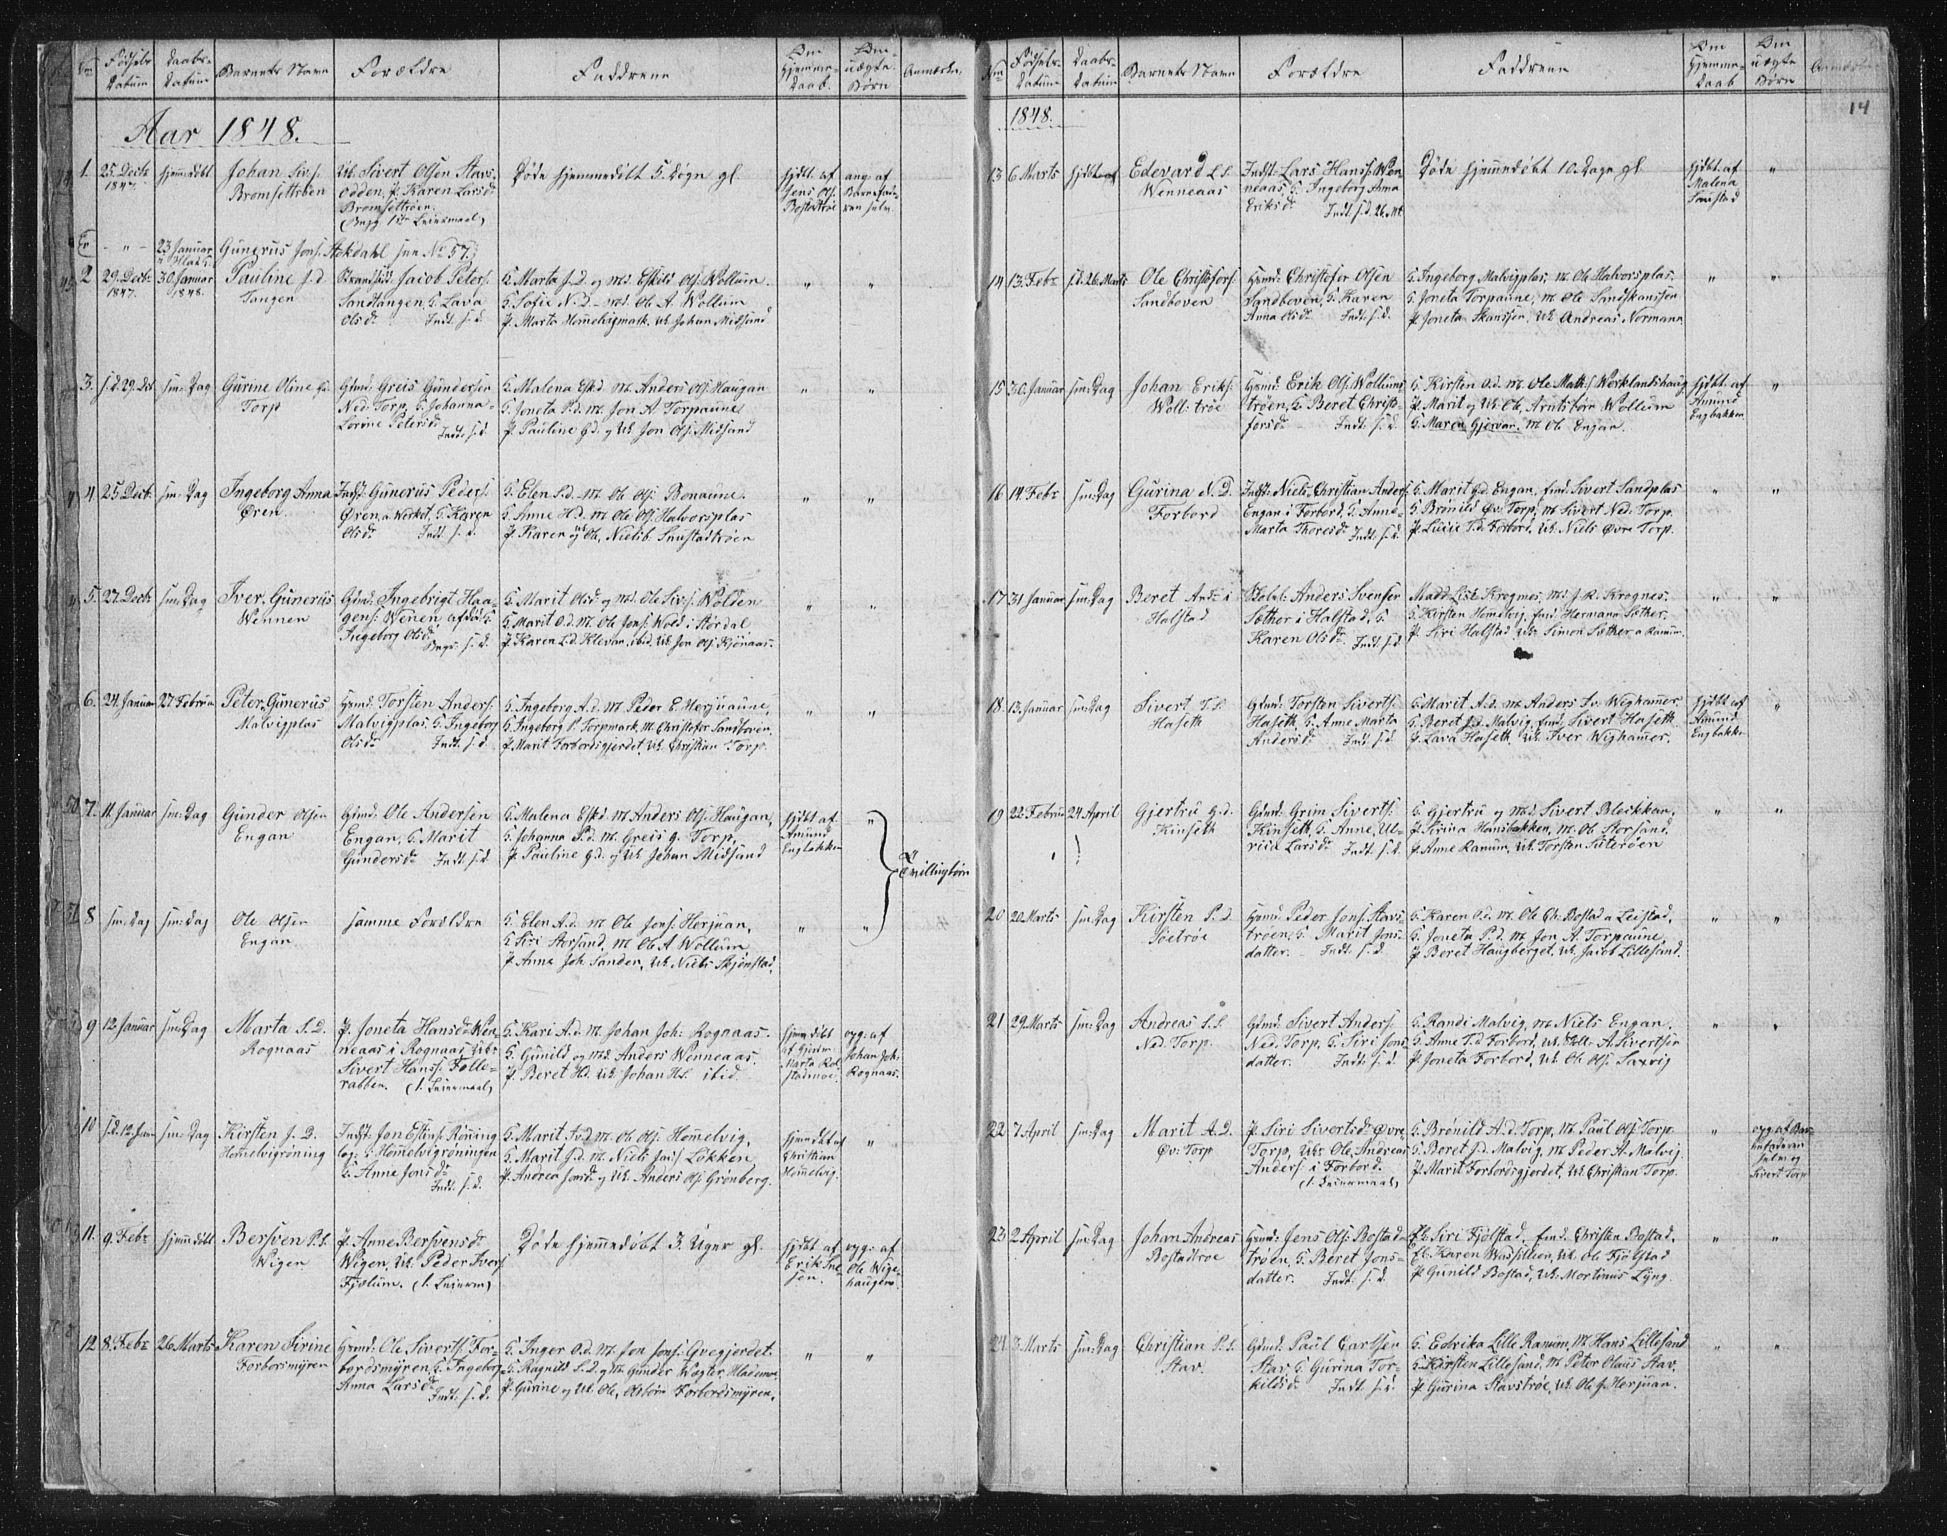 SAT, Ministerialprotokoller, klokkerbøker og fødselsregistre - Sør-Trøndelag, 616/L0406: Ministerialbok nr. 616A03, 1843-1879, s. 14